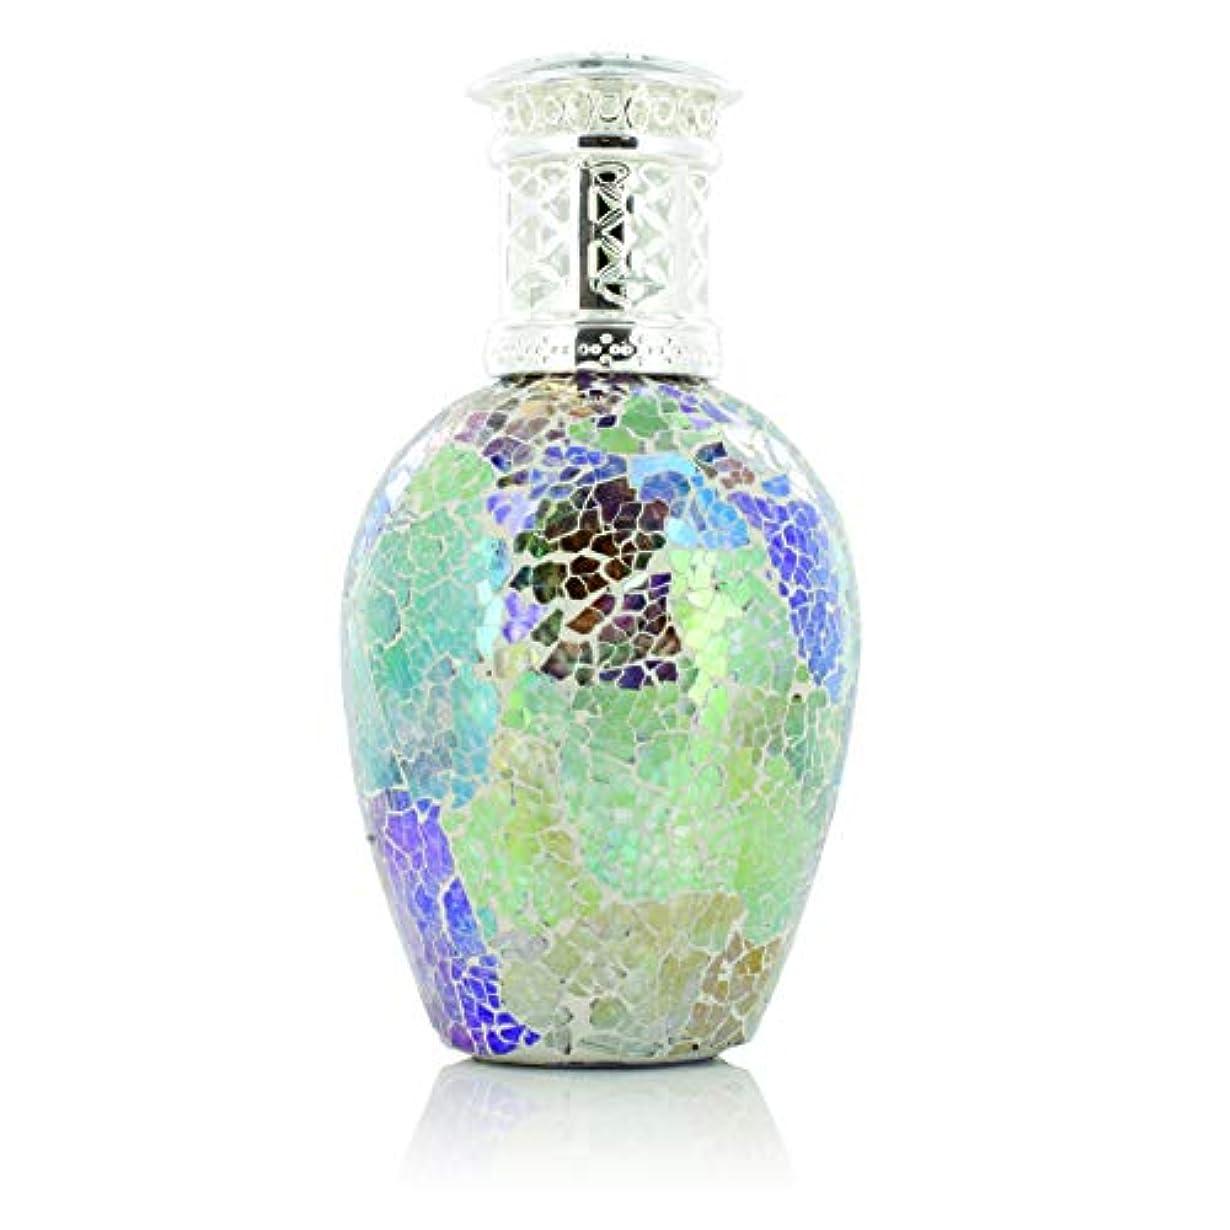 摂氏パテ栄光のAshleigh&Burwood アシュレイ&バーウッド Fragrance Lamps size L フェアリーダスト